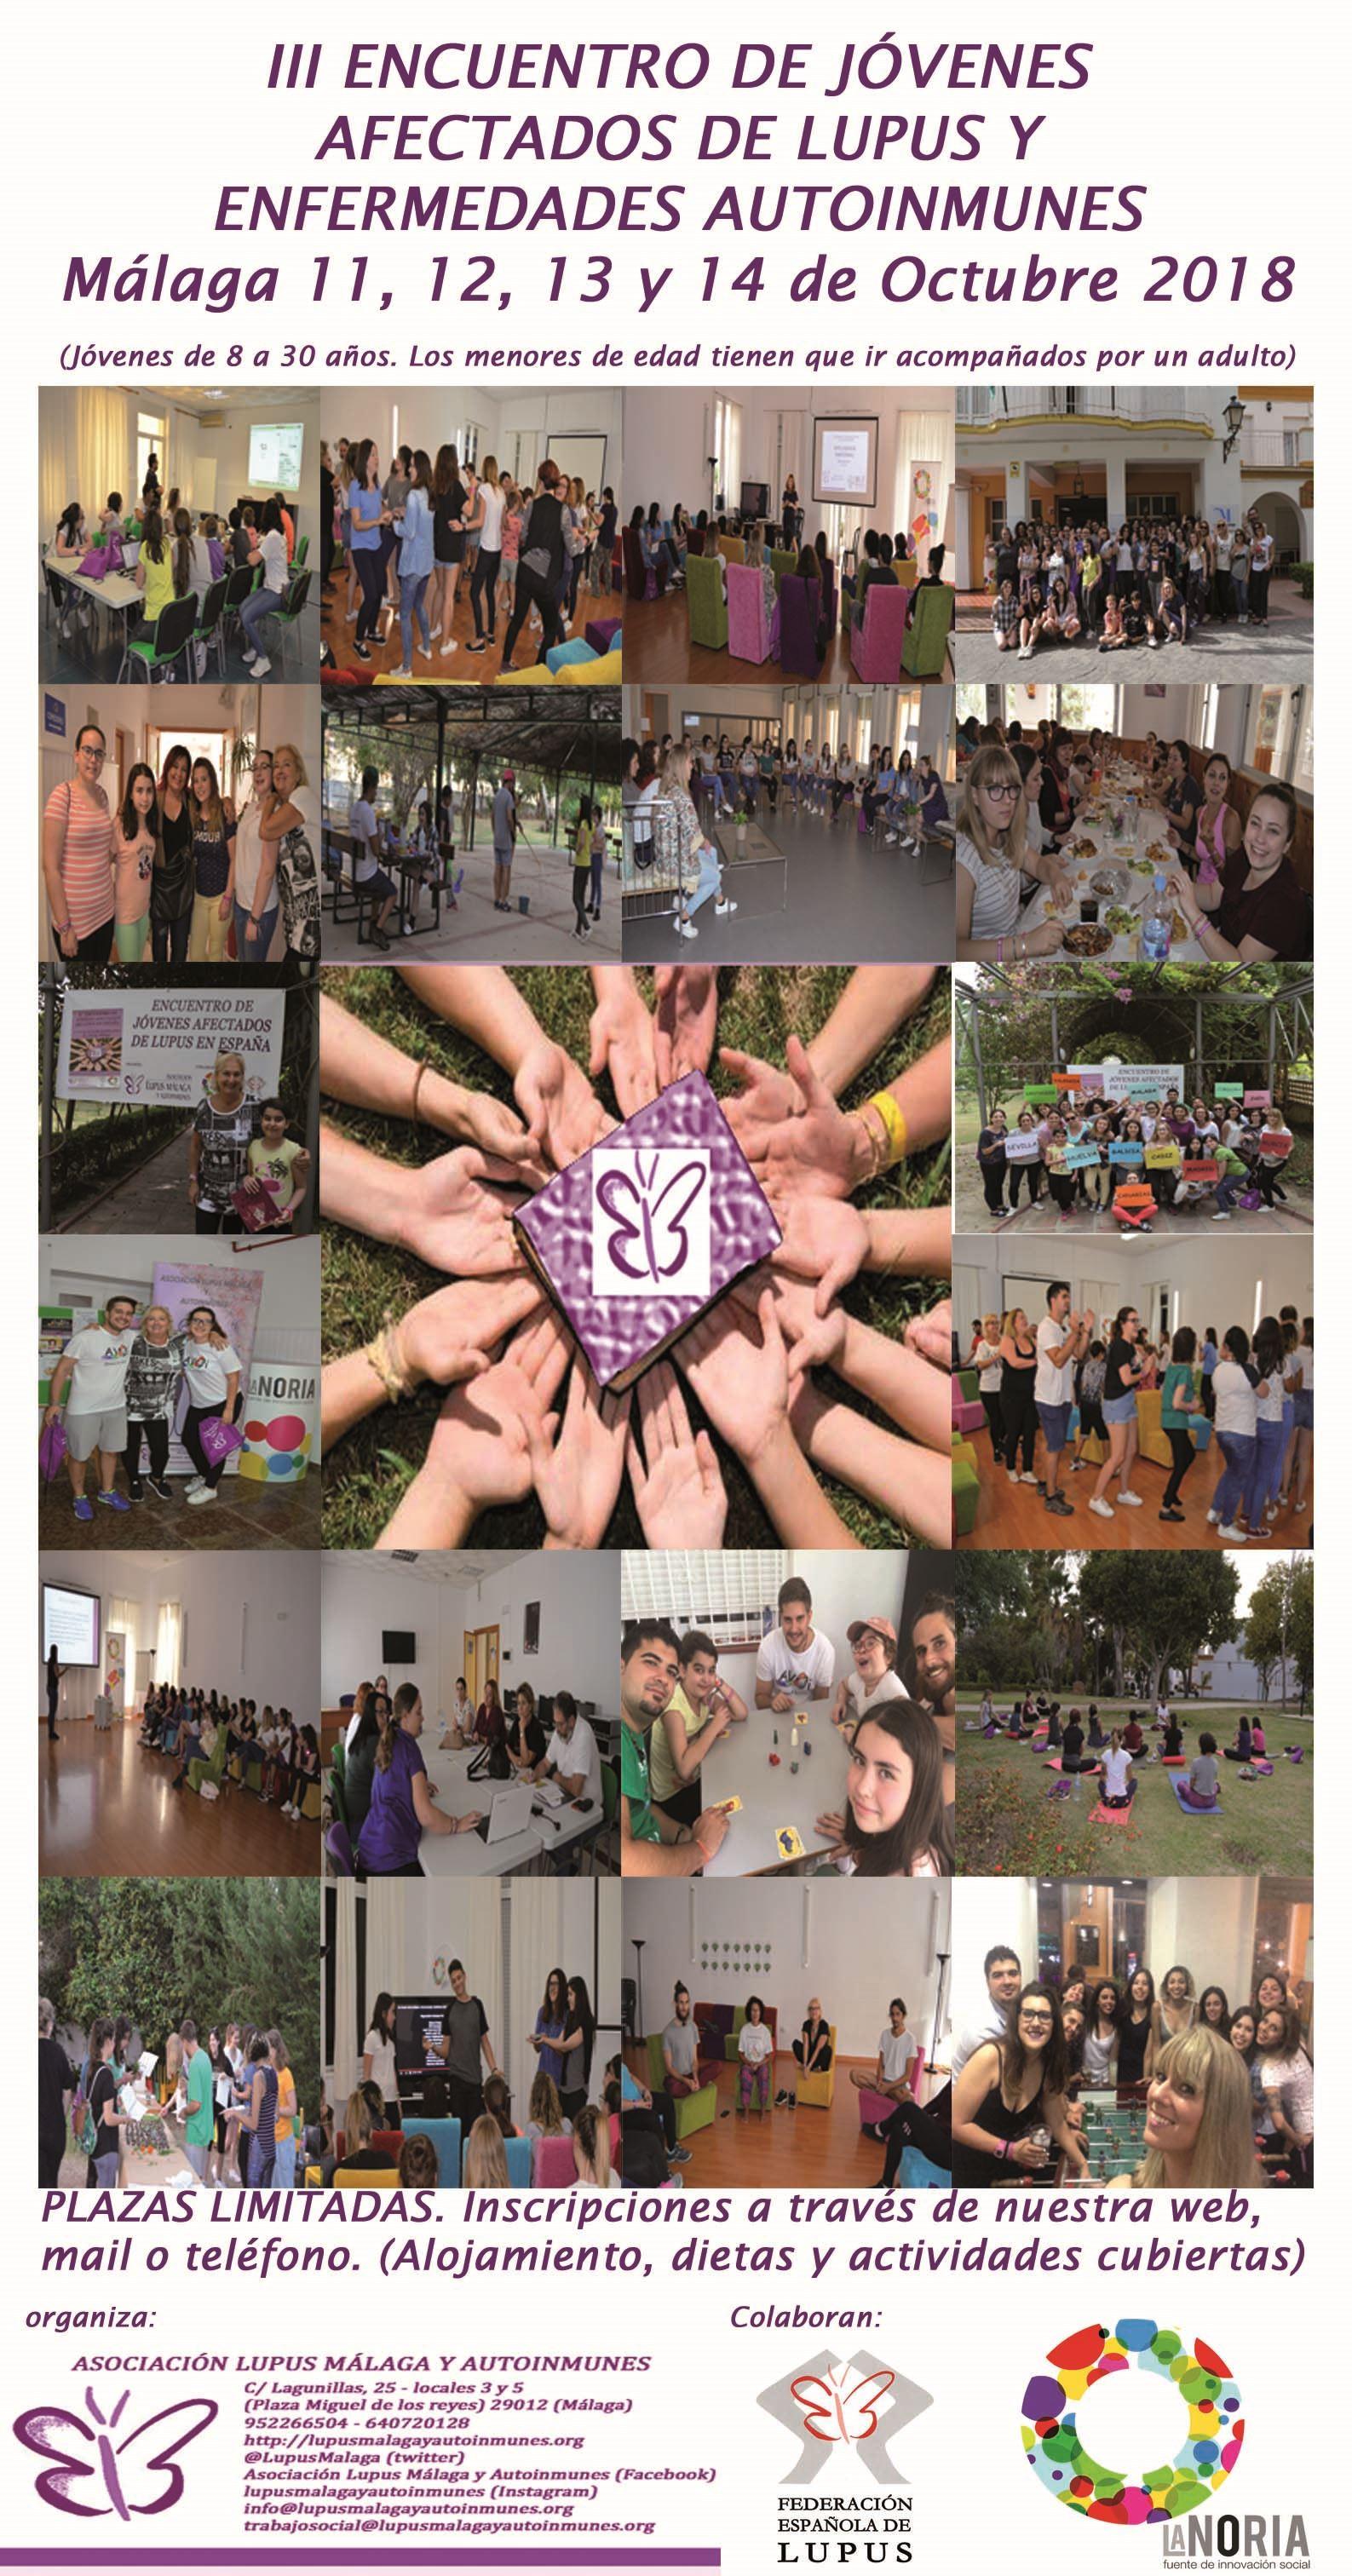 III Encuentro de Jóvenes afectados de Lupus y Autoinmunes